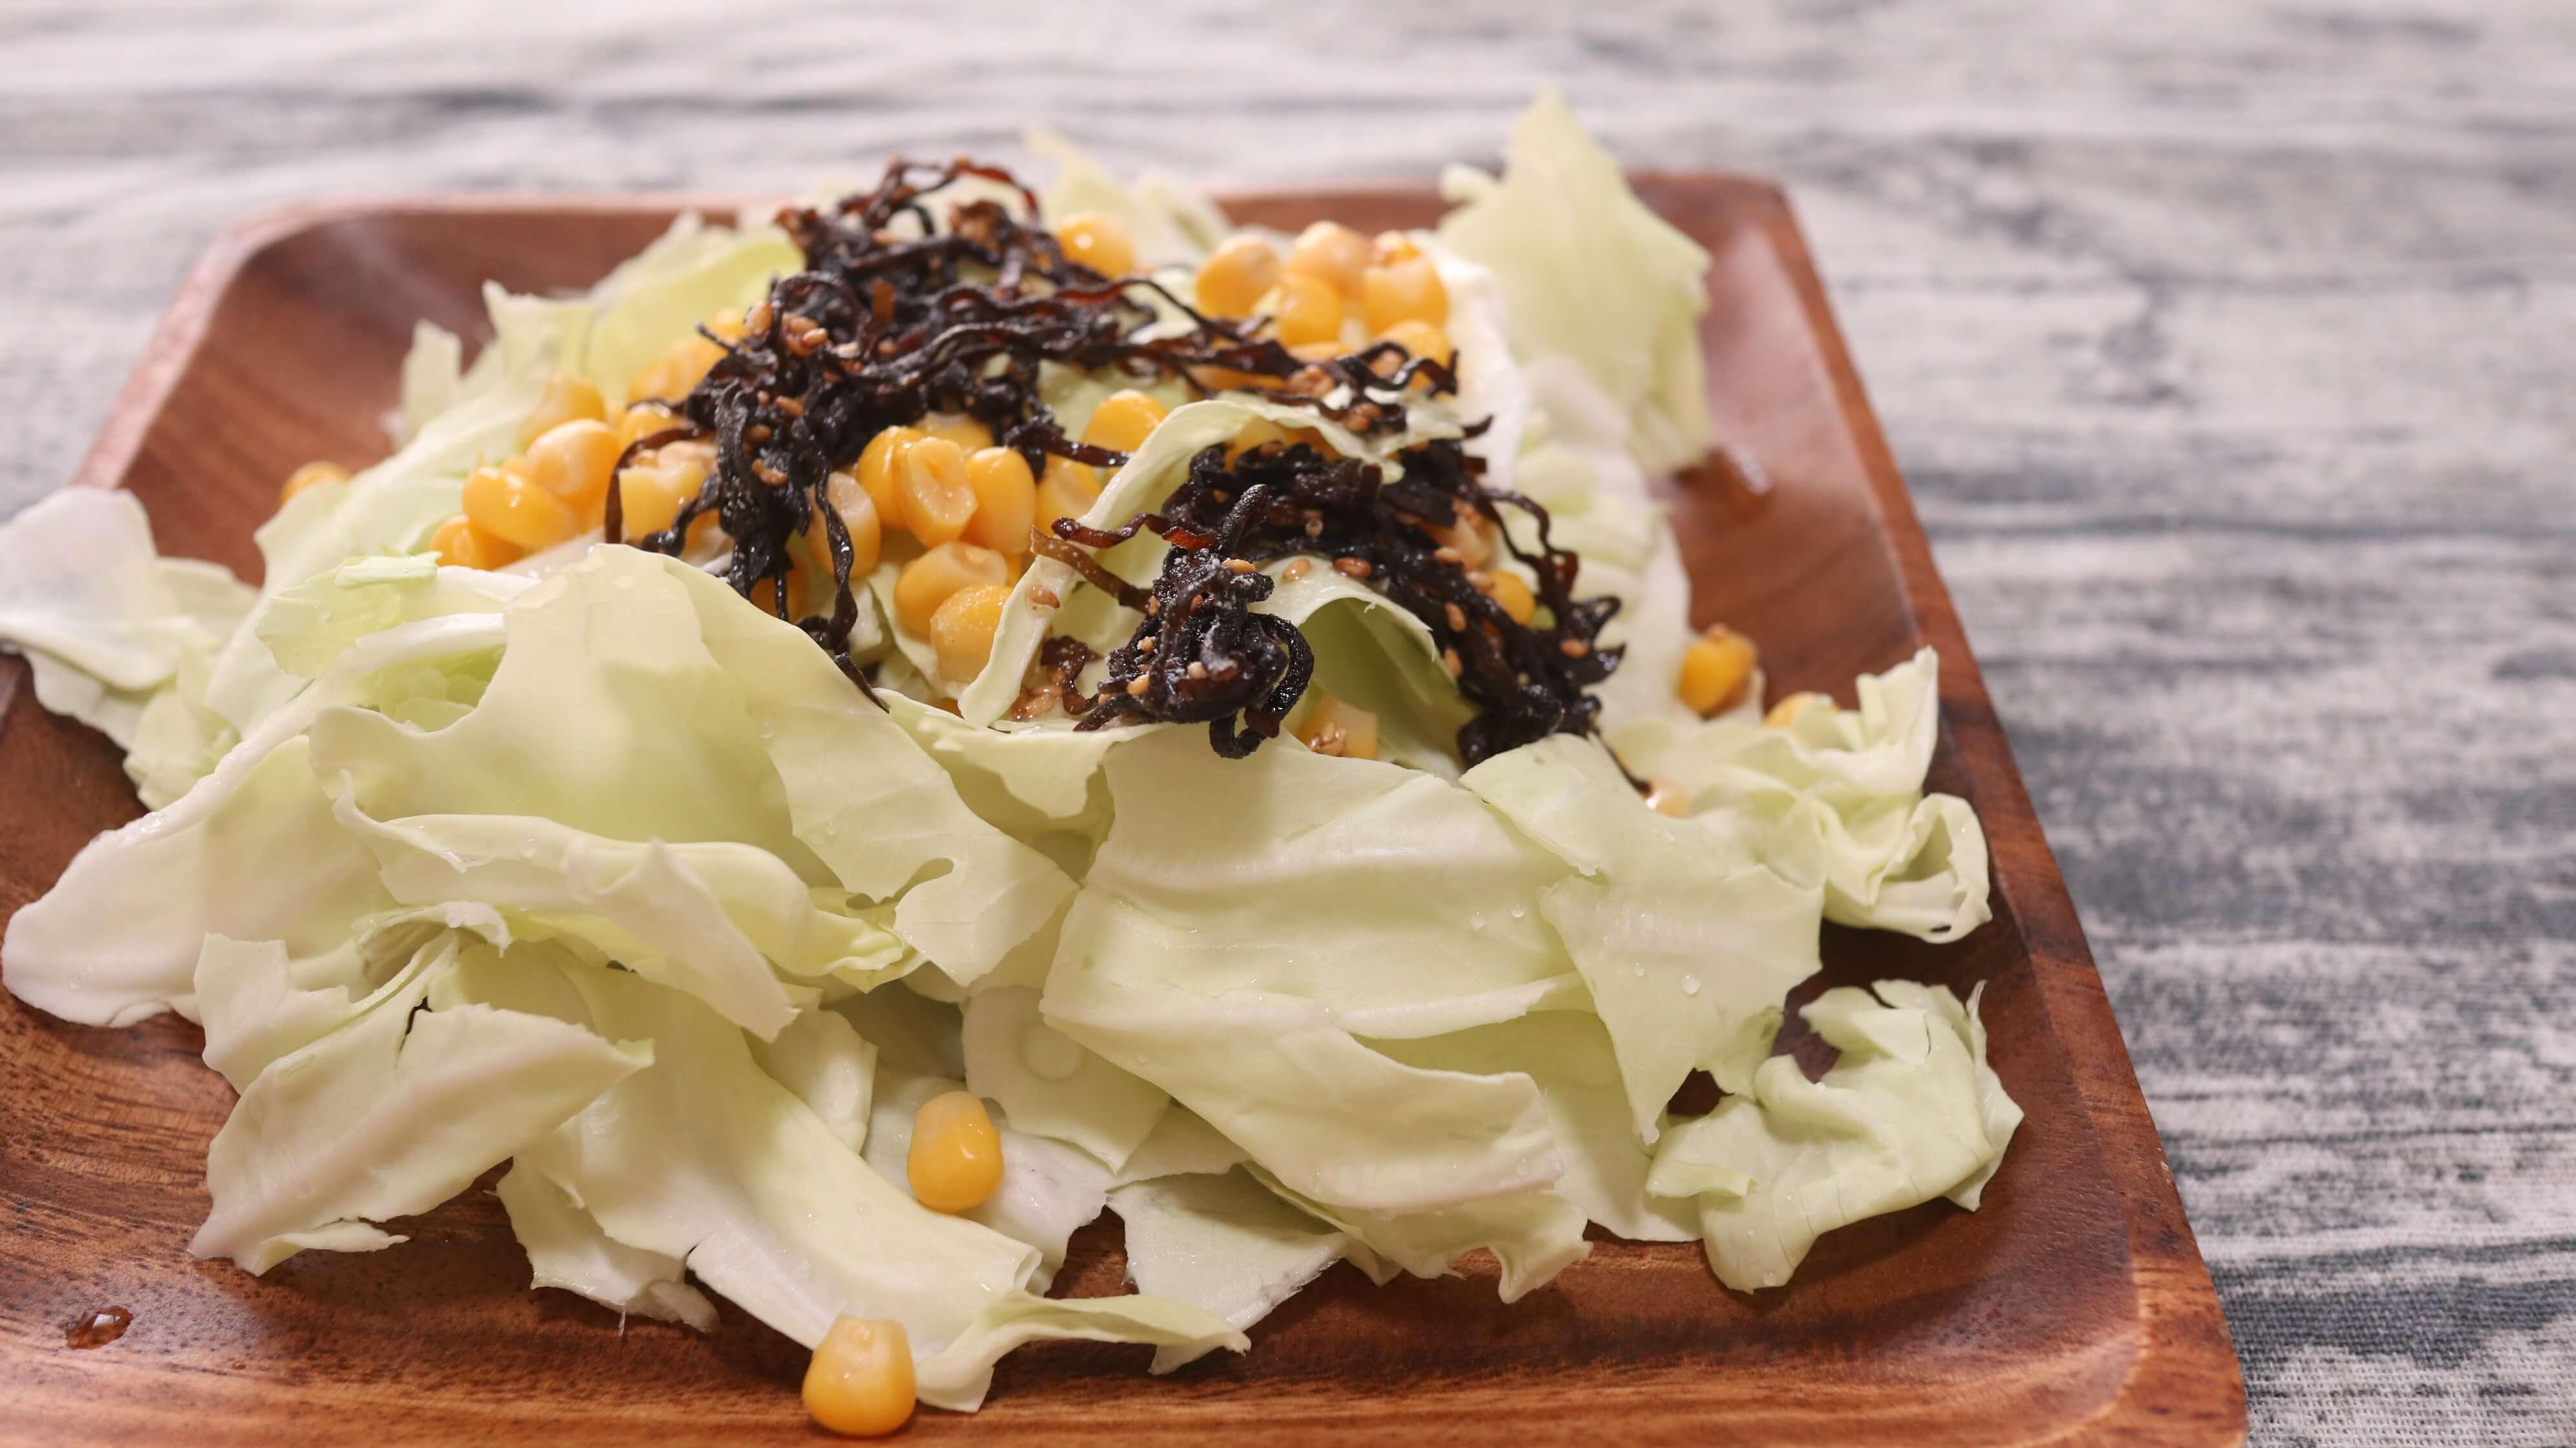 【無限にいける】塩昆布とキャベツとコーンのサラダの完成